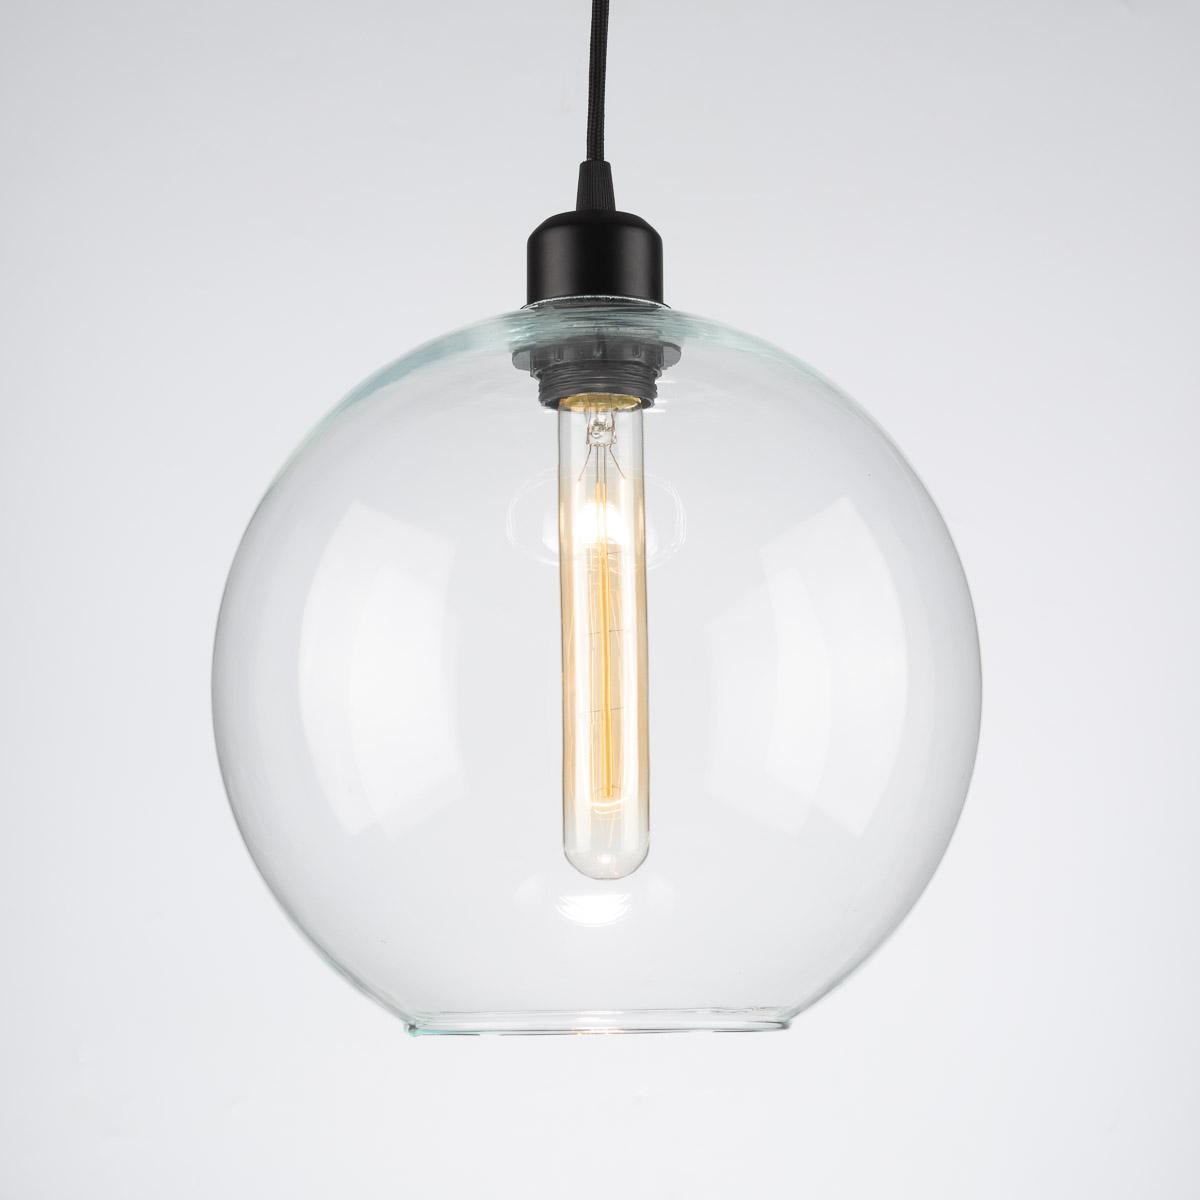 Потолочный светильник Tilde черный